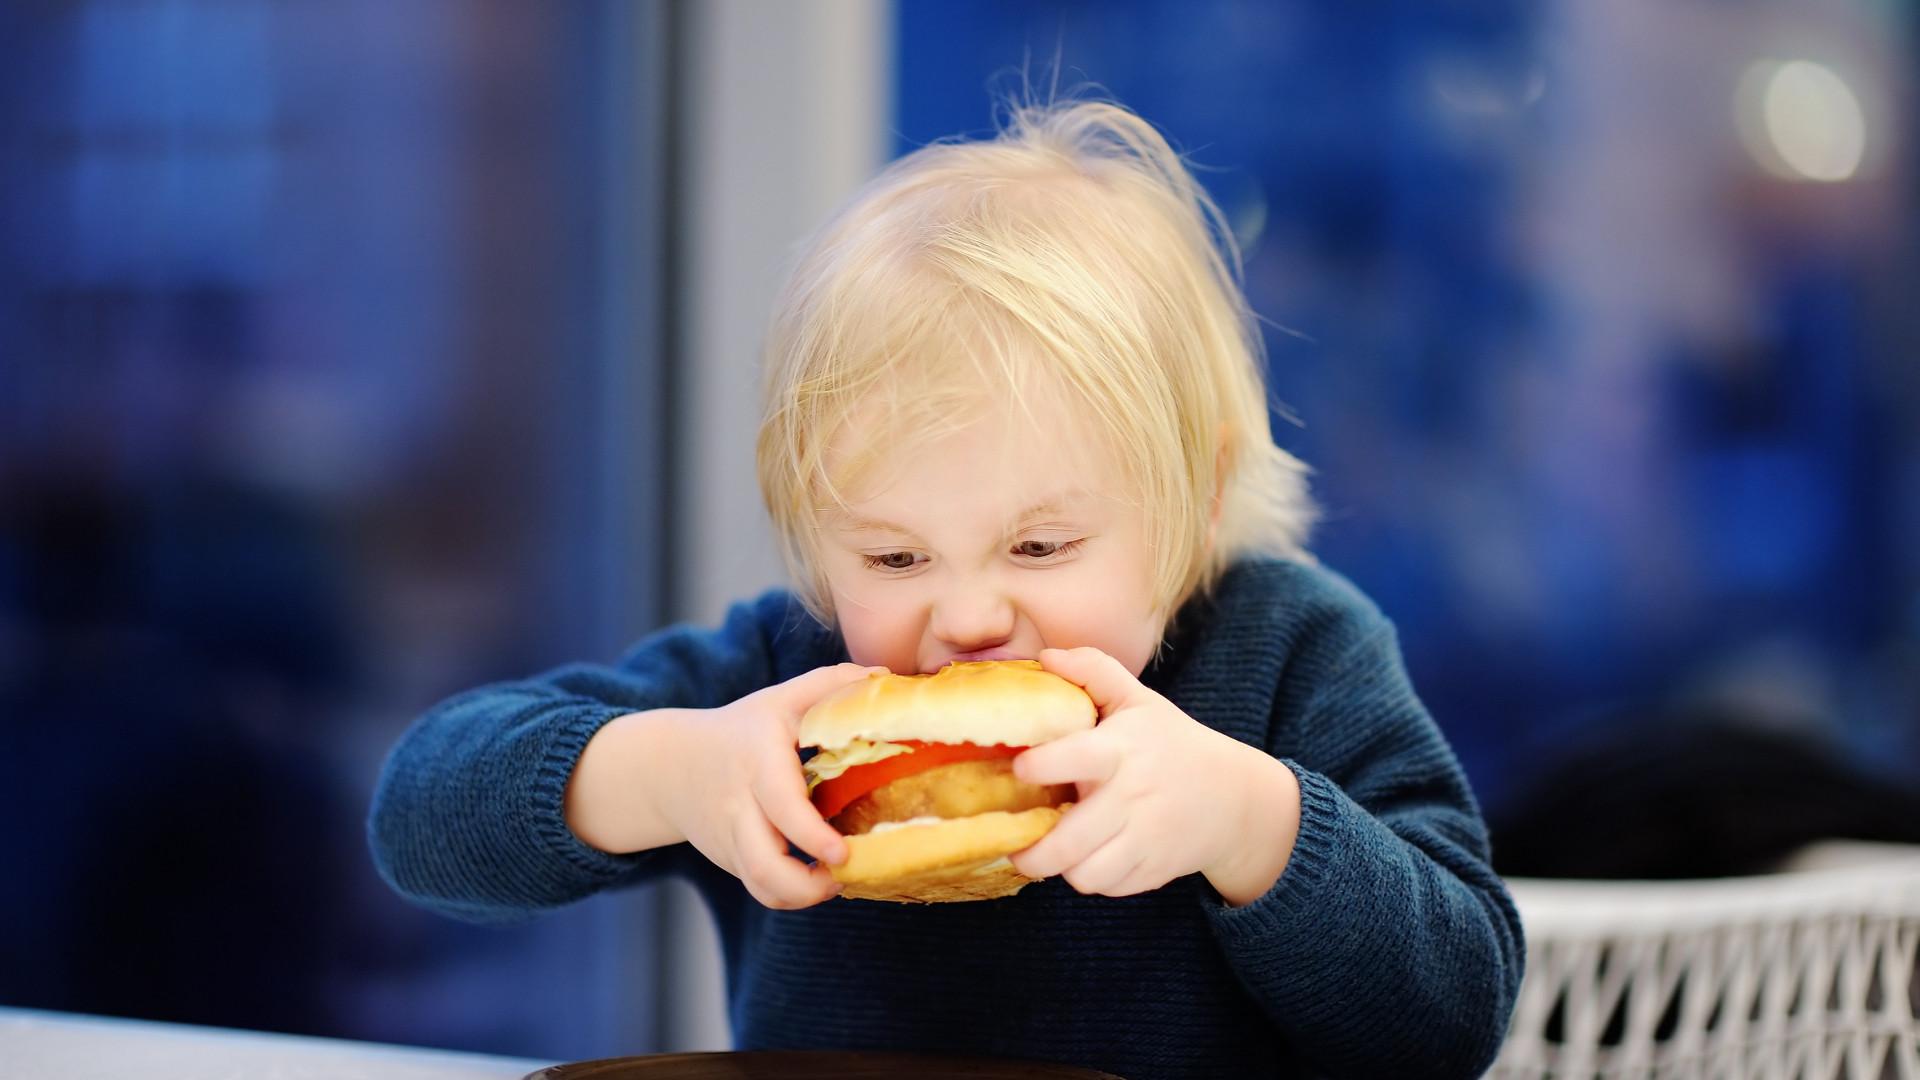 Este é o primeiro passo para evitar a obesidade infantil